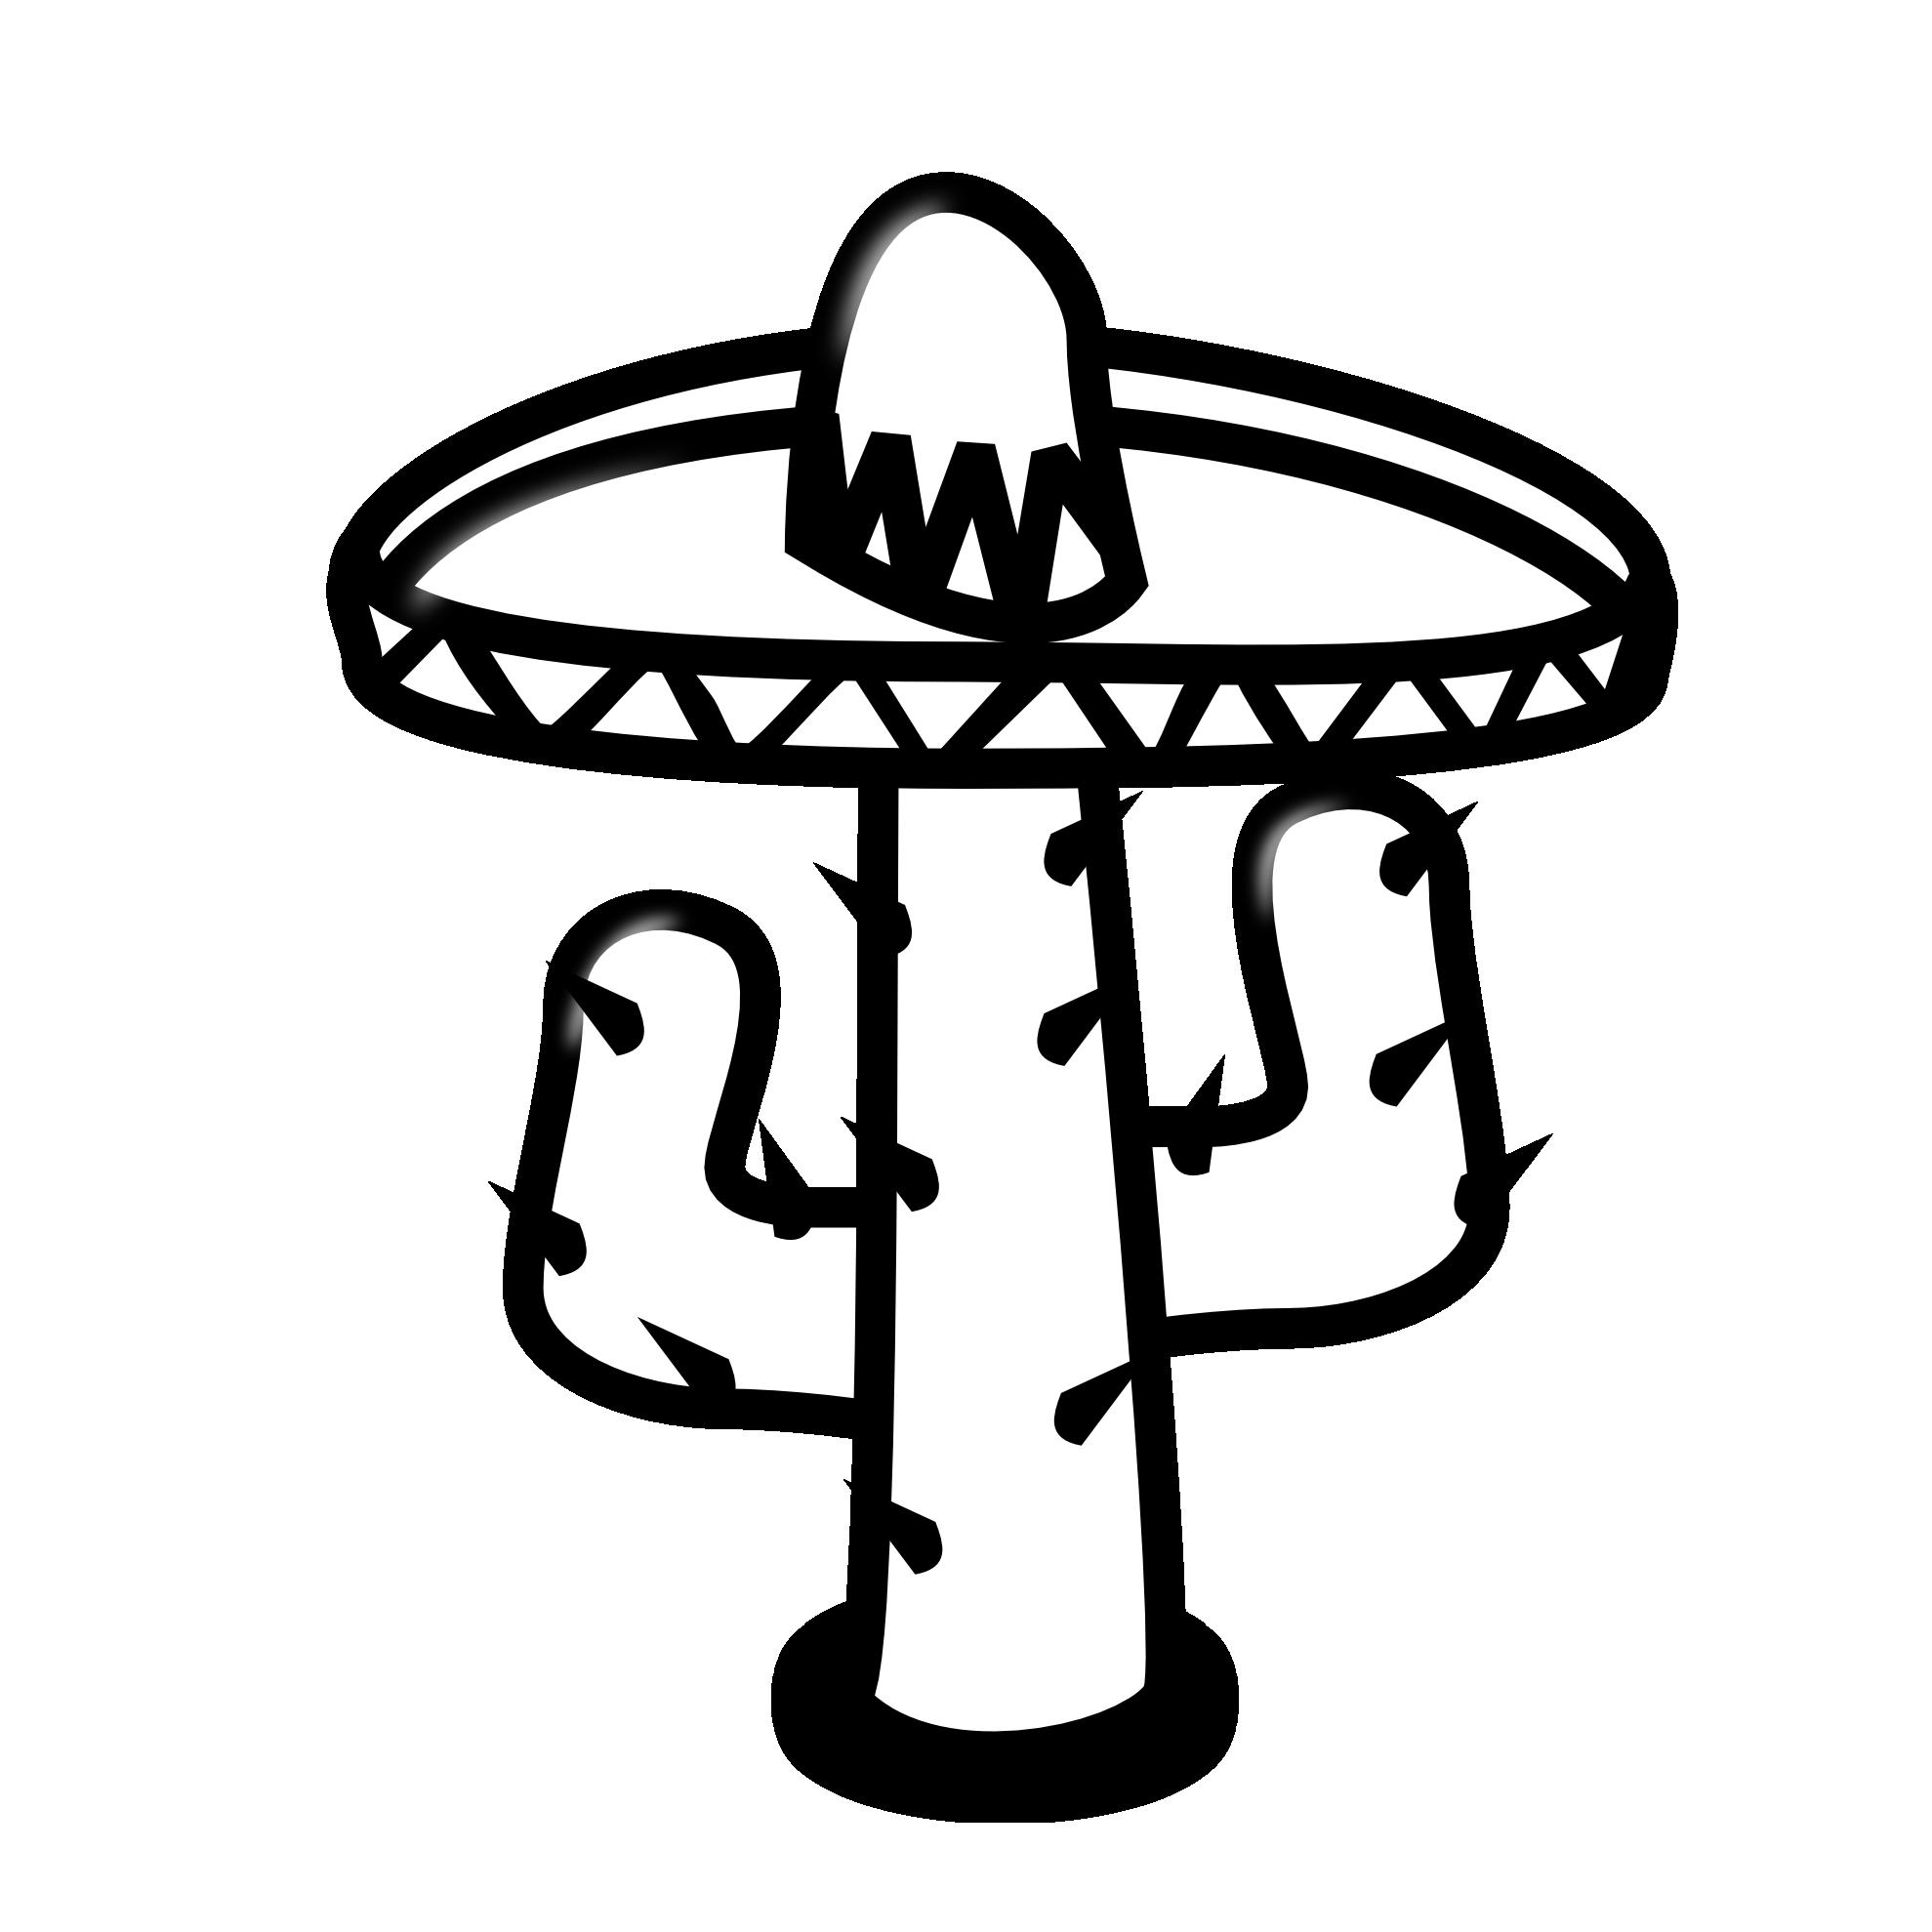 Cactus Clipart Black And White Cactus 19-Cactus Clipart Black And White Cactus 19 Black White Line-4